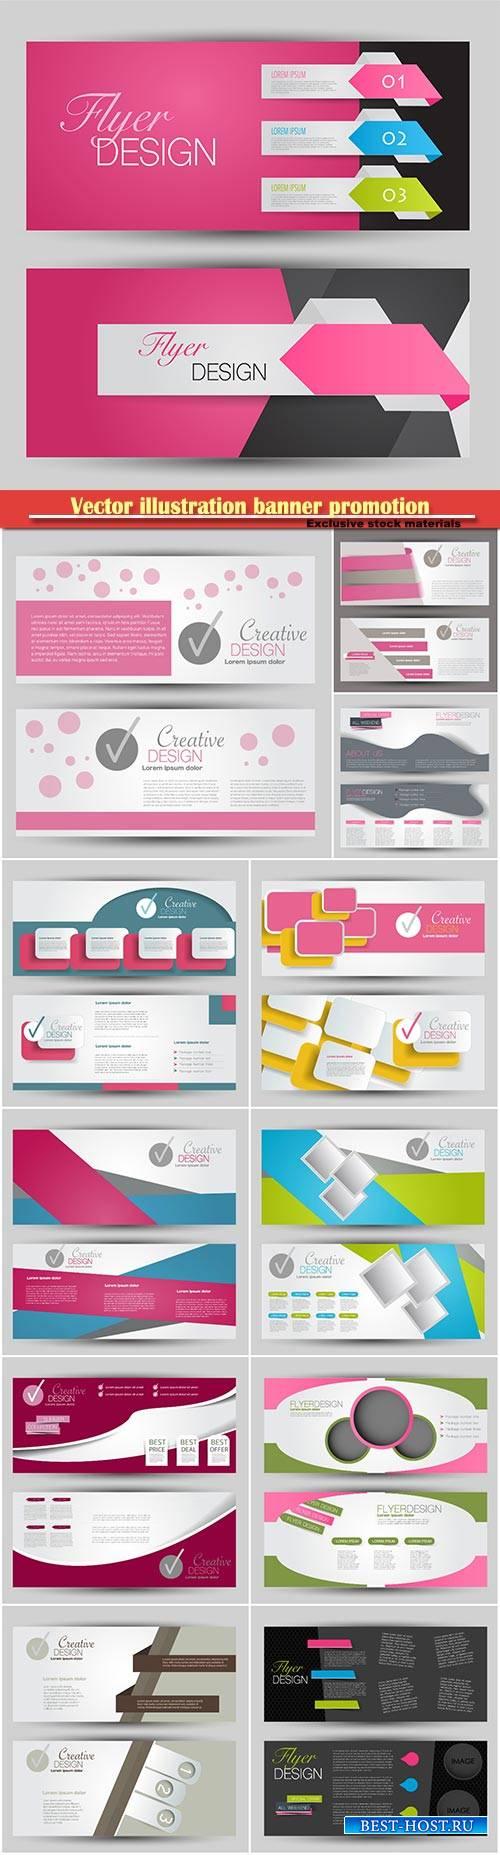 Vector illustration banner promotion design background